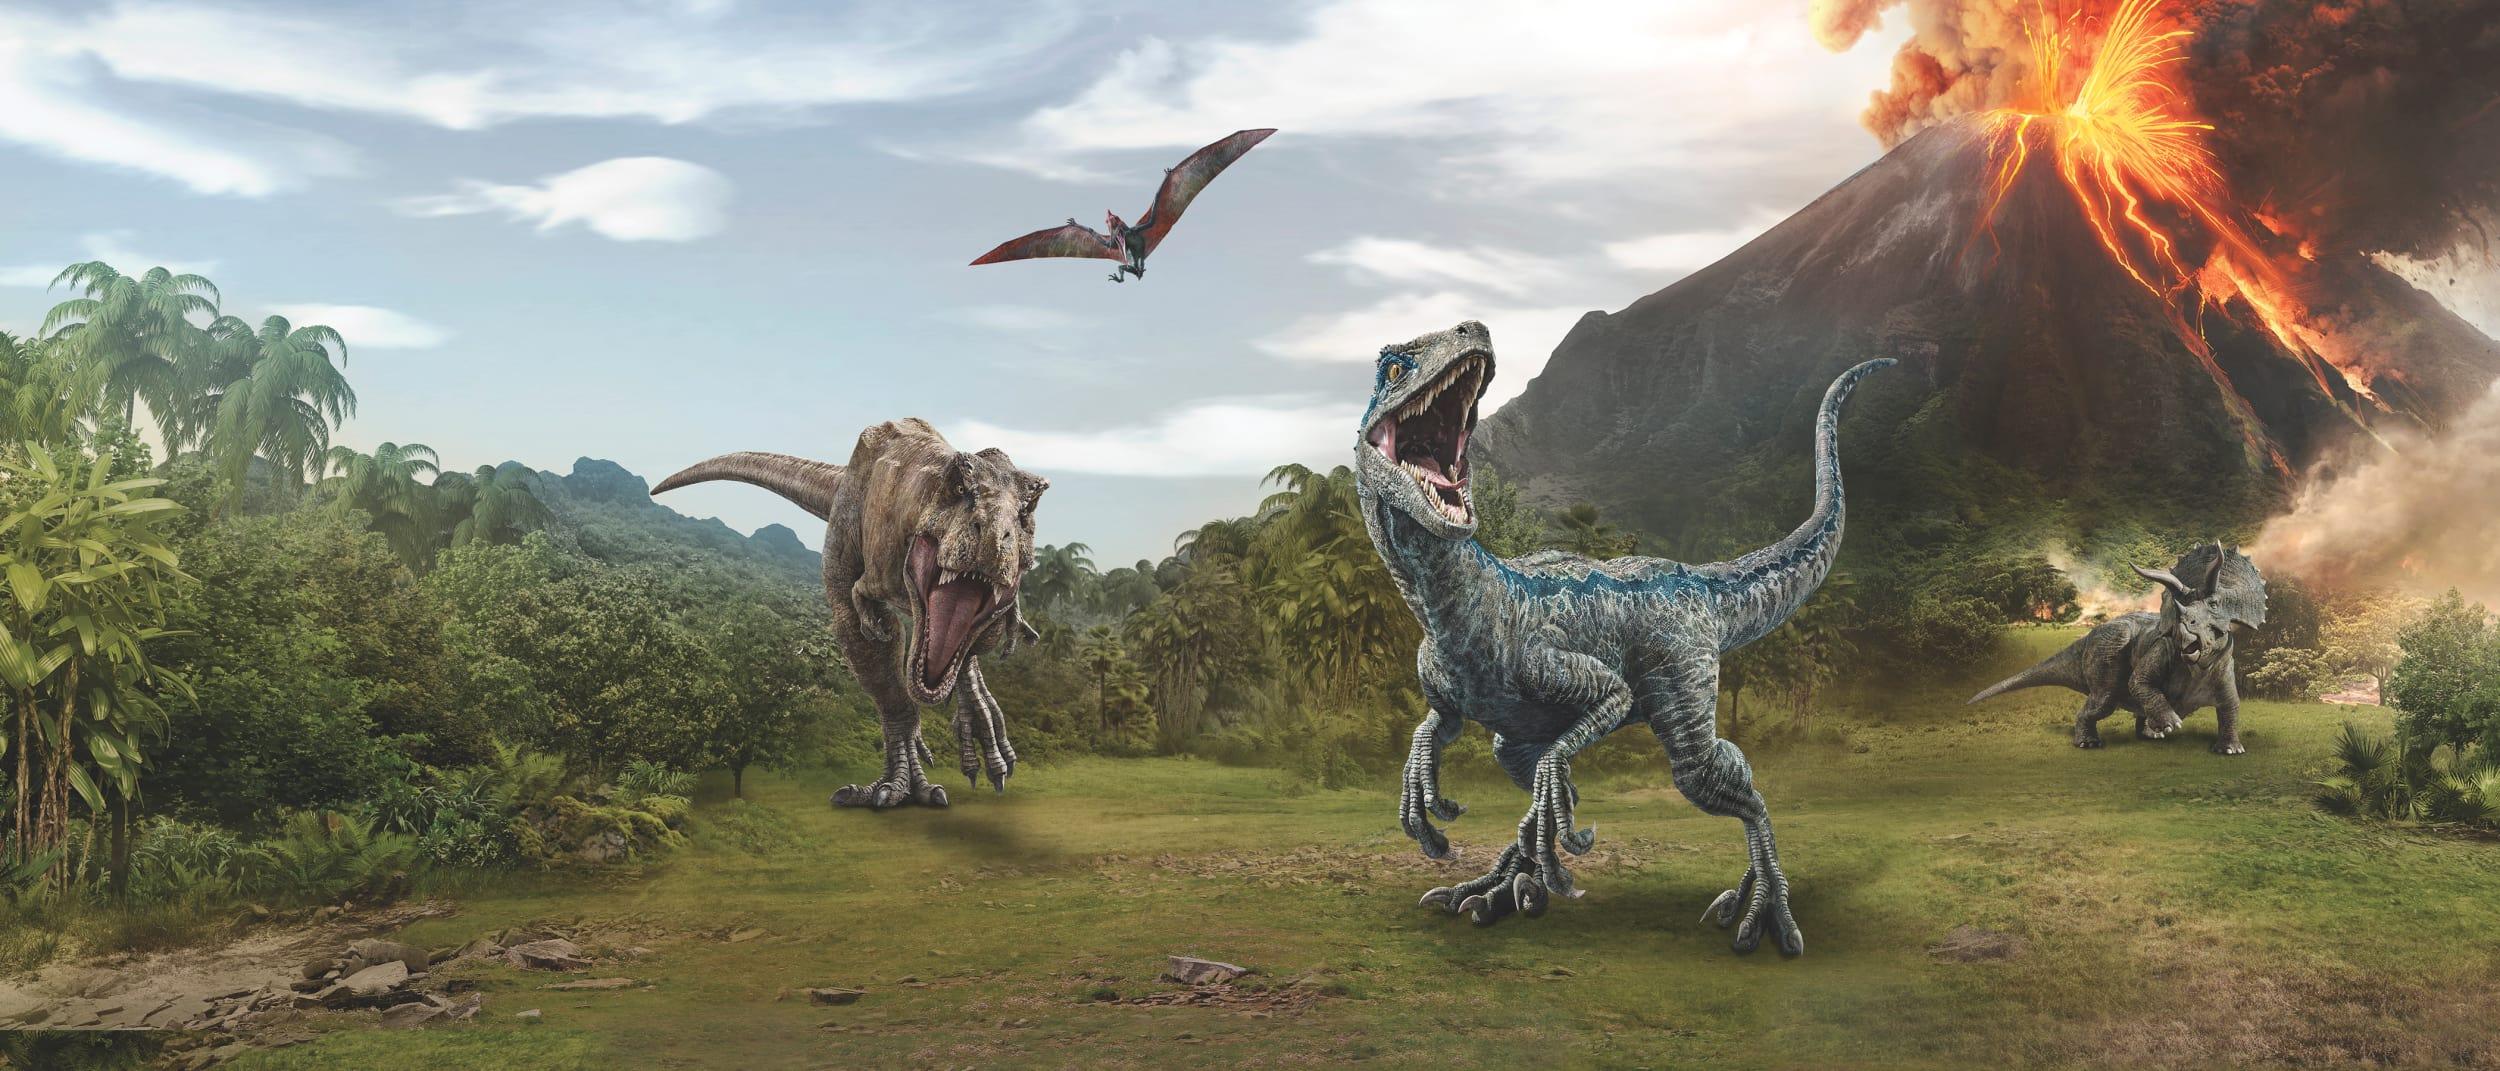 Extended - School Holidays: Jurassic World craft village